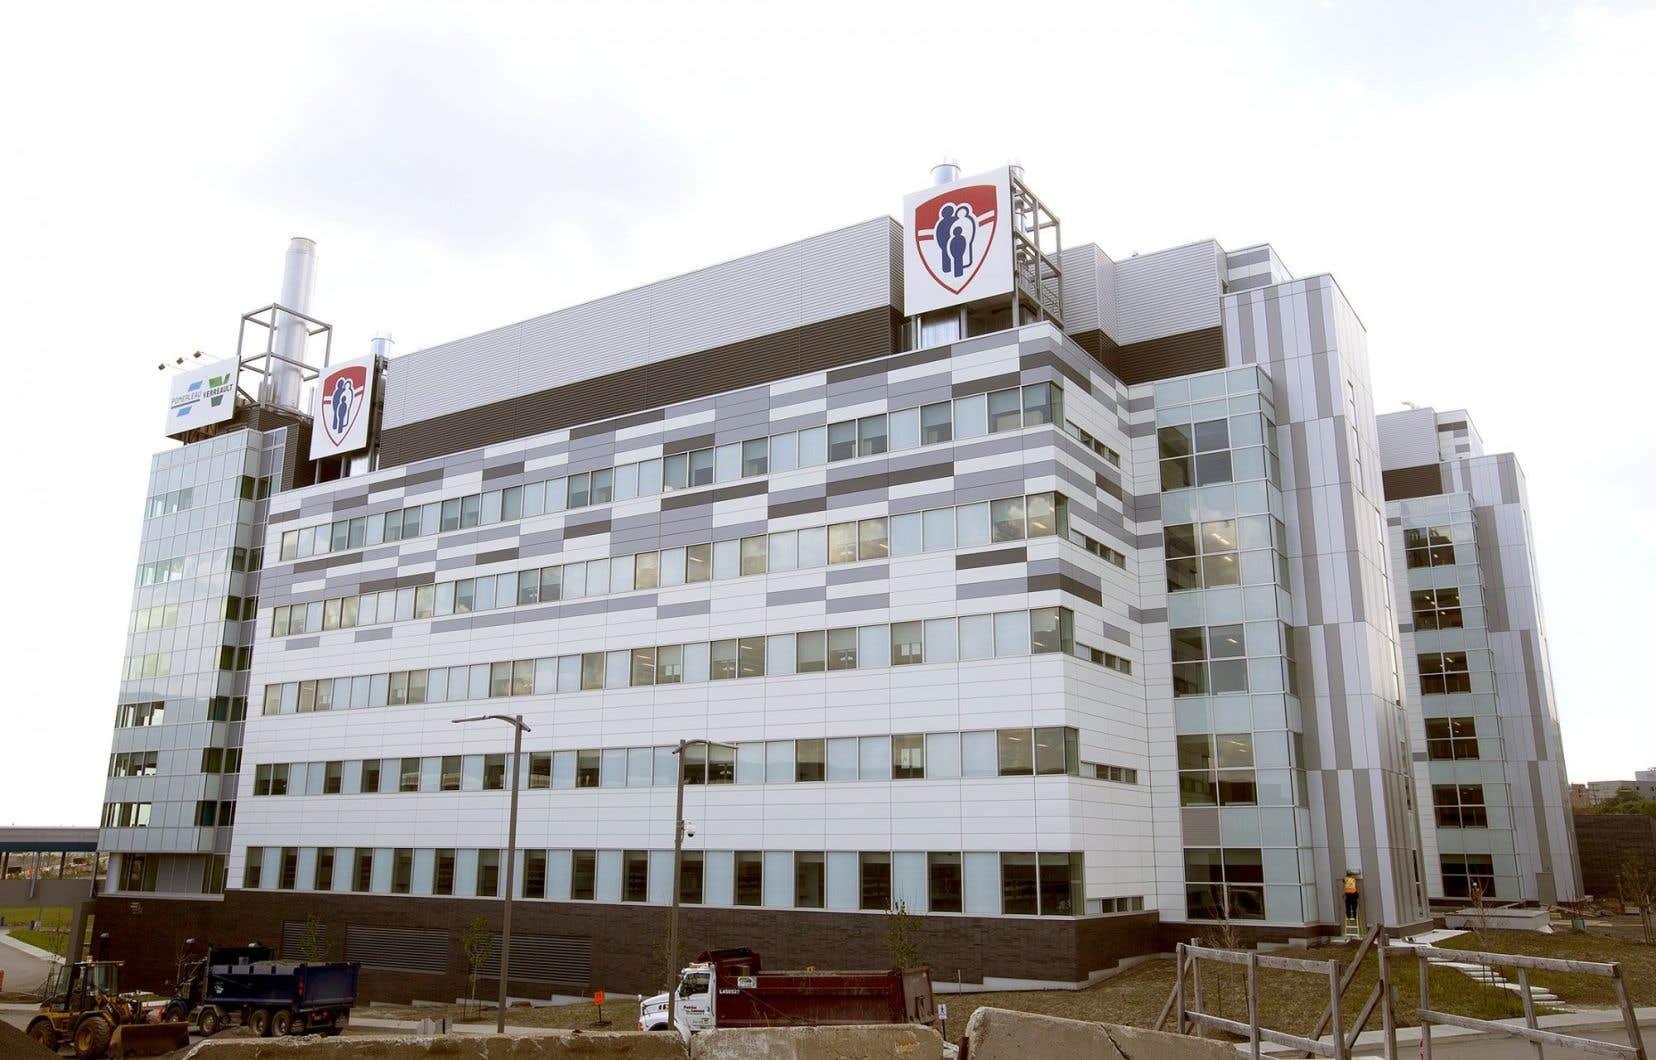 Le Centre universitaire de santé McGill (CUSM) a rapidement réagi aux révélations du Devoir.